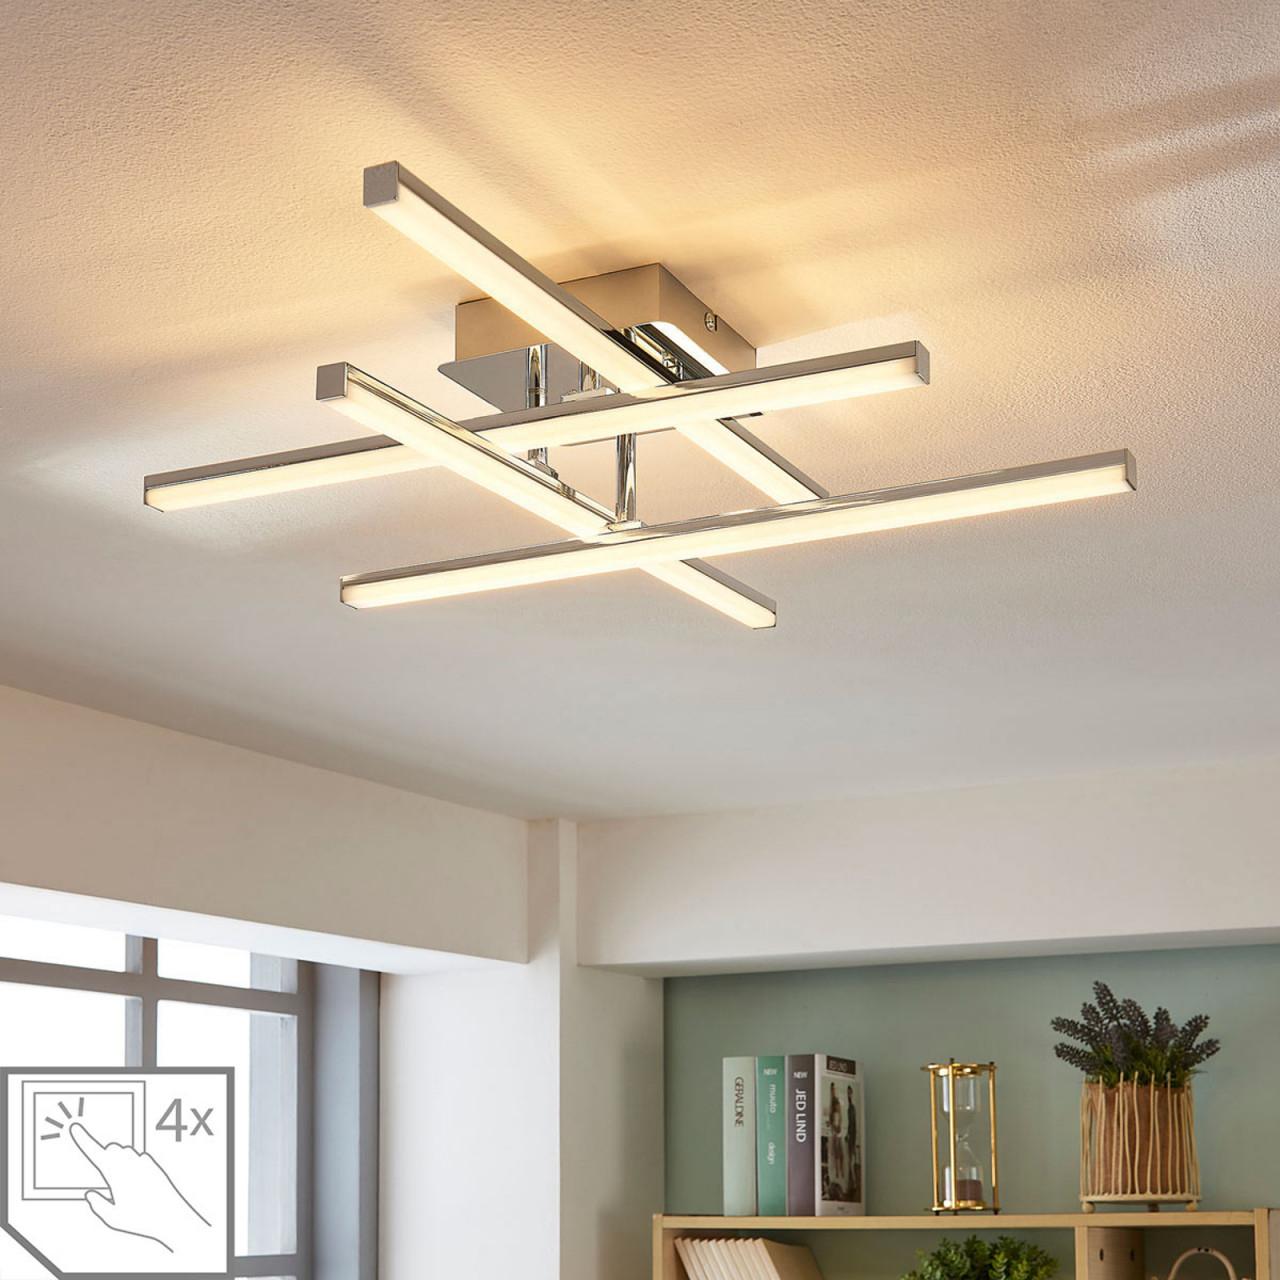 Möbel  Wohnaccessoires Küche Haushalt  Wohnen Für von Wohnzimmer Deckenlampe Led Photo